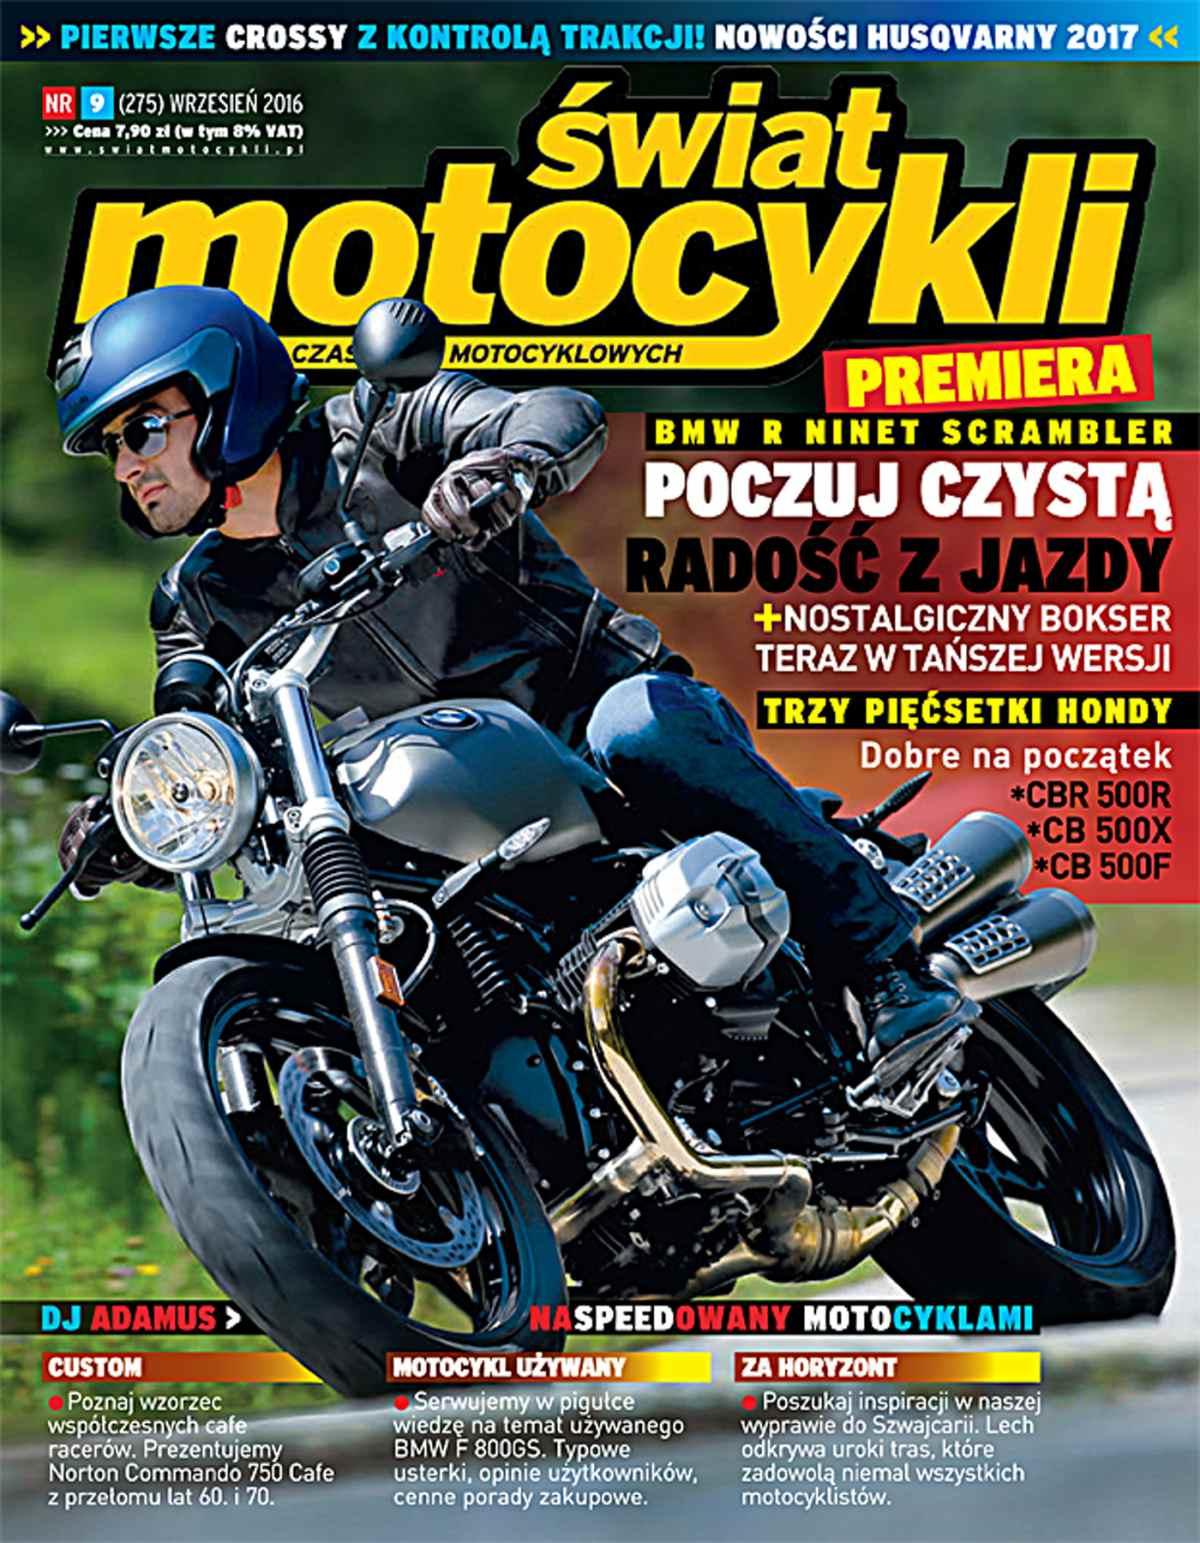 Świat Motocykli 9/2016 - Ebook (Książka PDF) do pobrania w formacie PDF